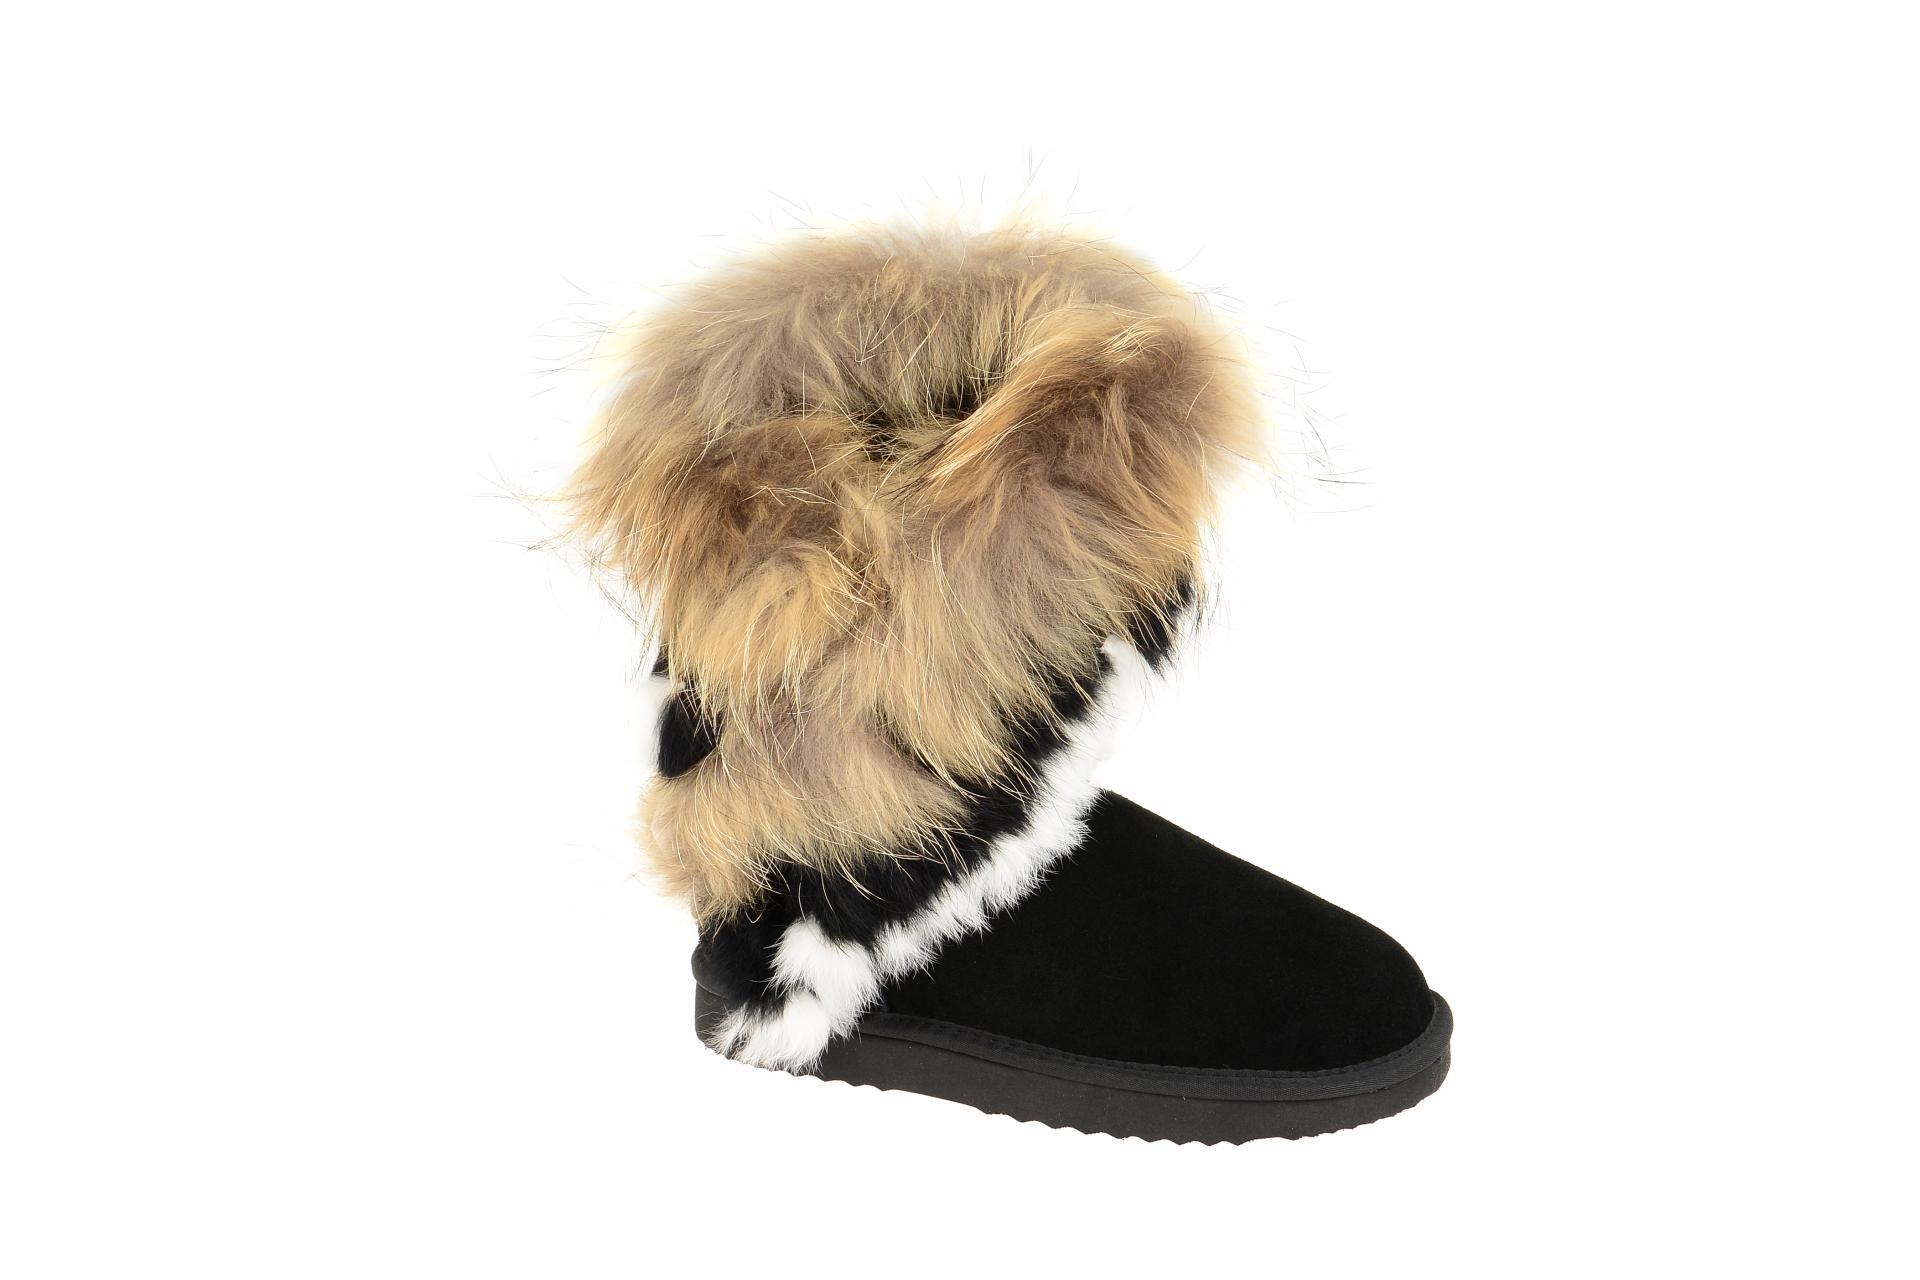 Oog Stiefel schwarz Fell Boots B8020 - Schuhhaus Strauch Shop 9eff6466fa